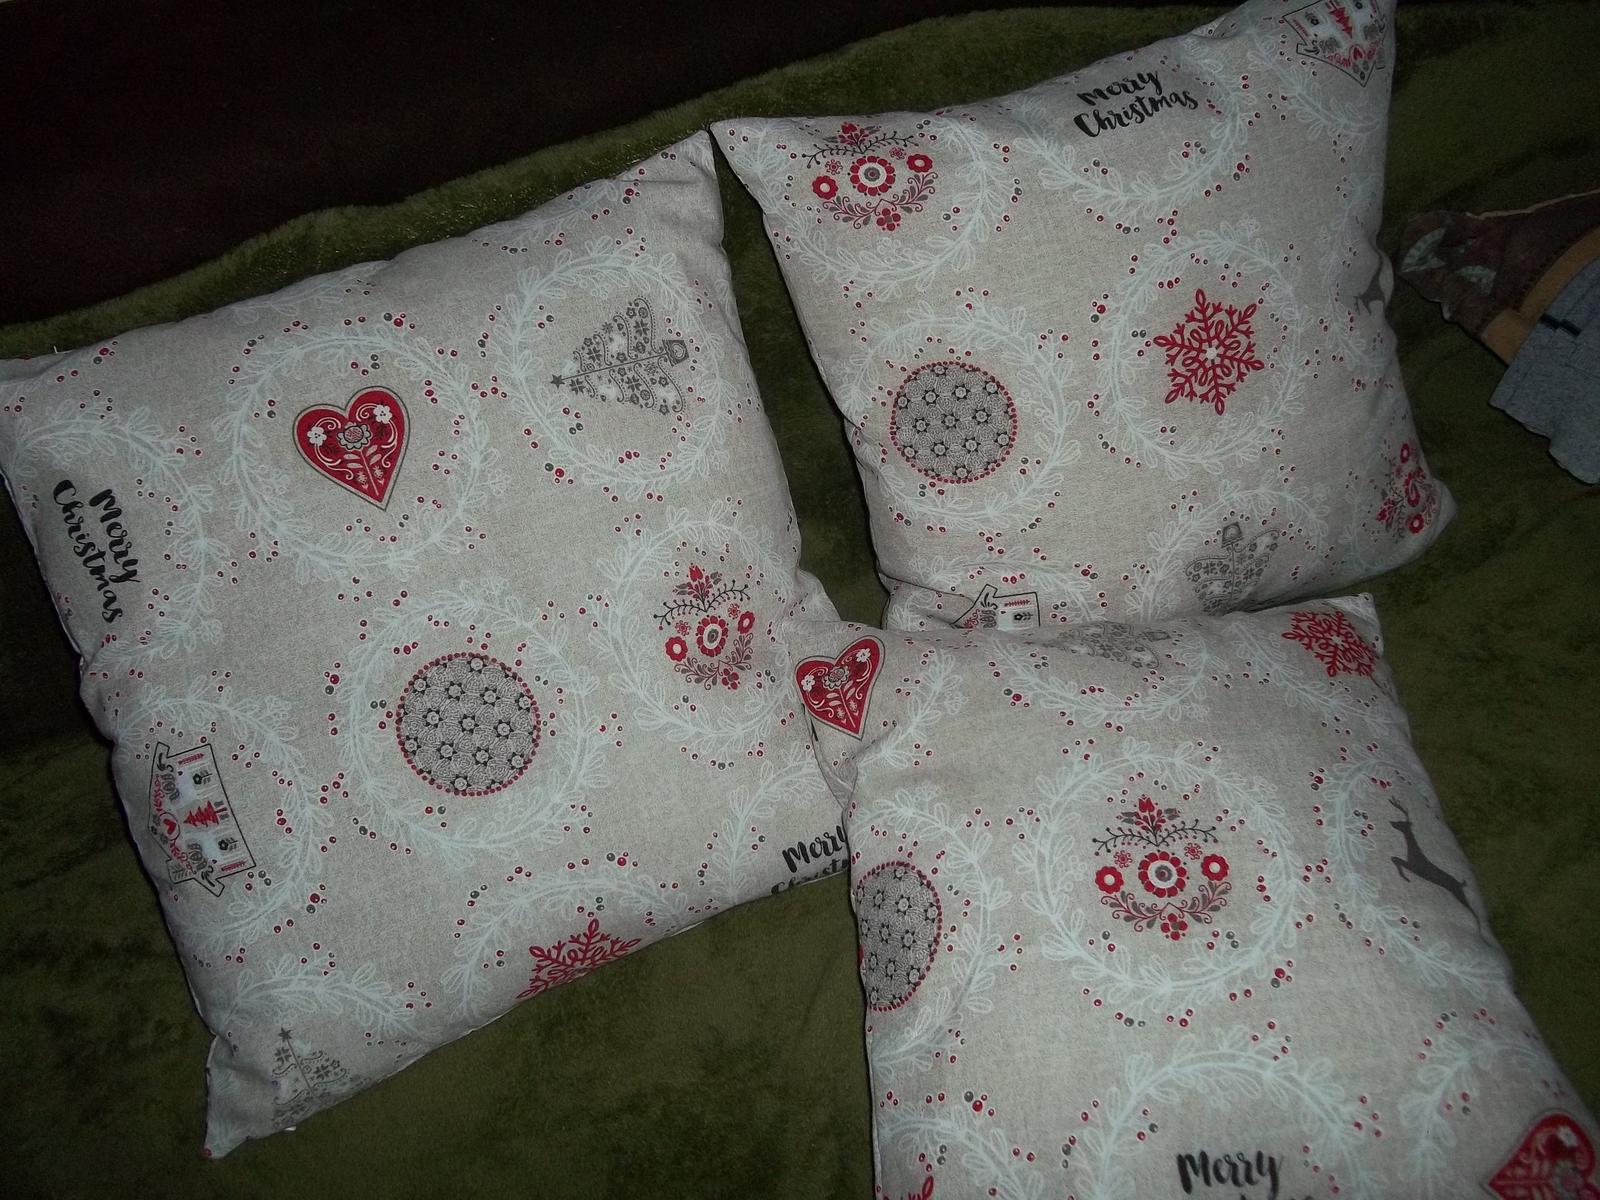 Sada 3 vianočných obliečok, v 2 veľkostiach,cena s poštou - Obrázok č. 1